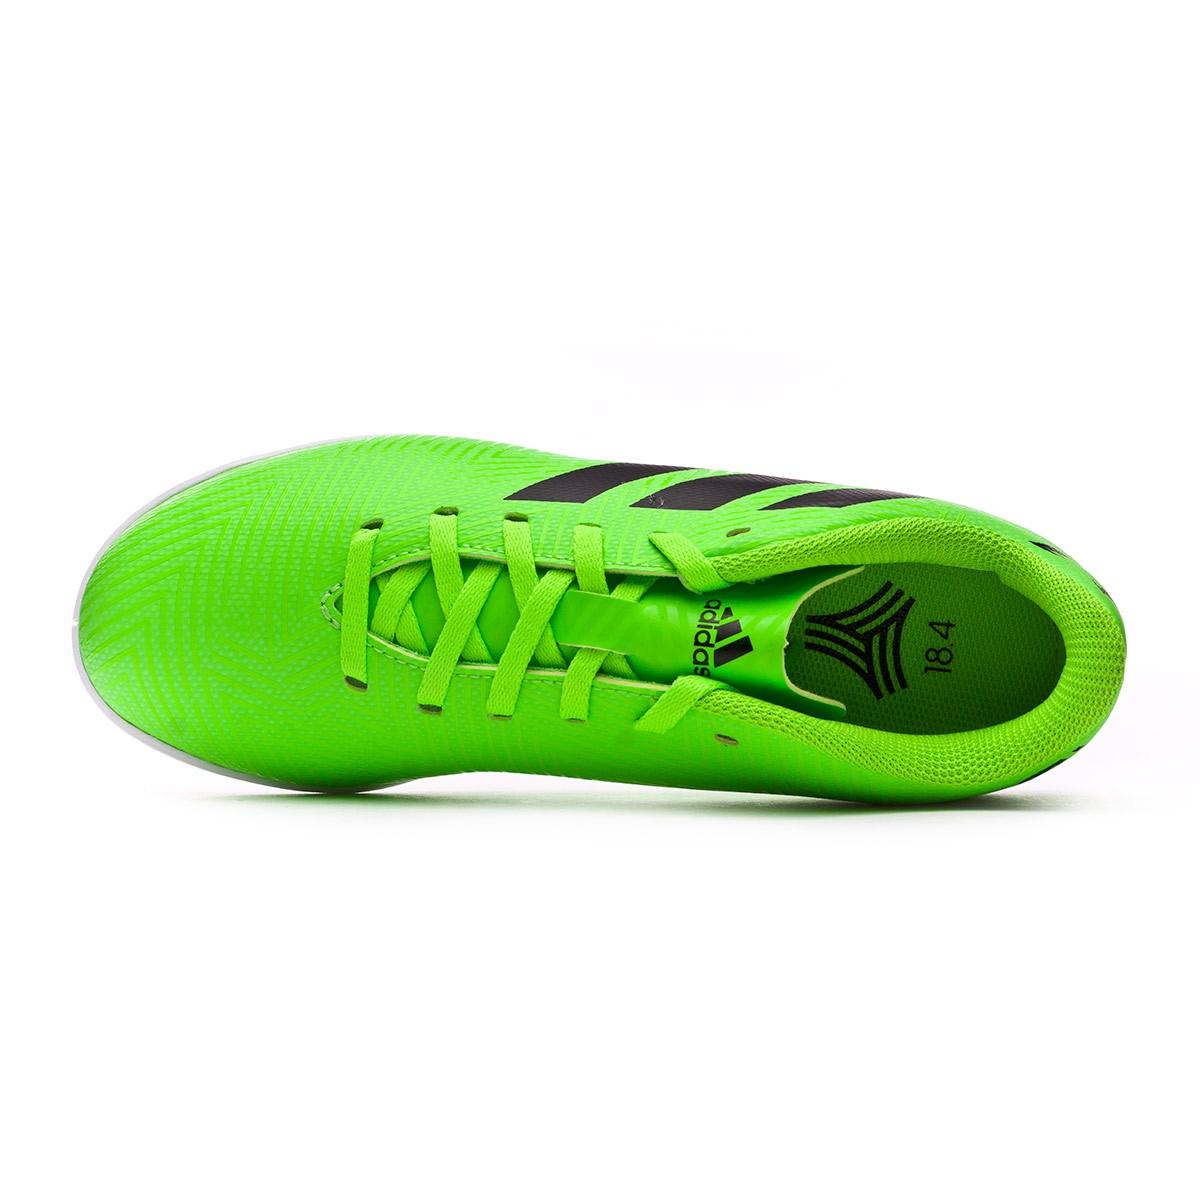 Zapatilla adidas Nemeziz Messi Tango 18.4 IN Niño Solar green-Black -  Soloporteros es ahora Fútbol Emotion 7a292885ea3bd